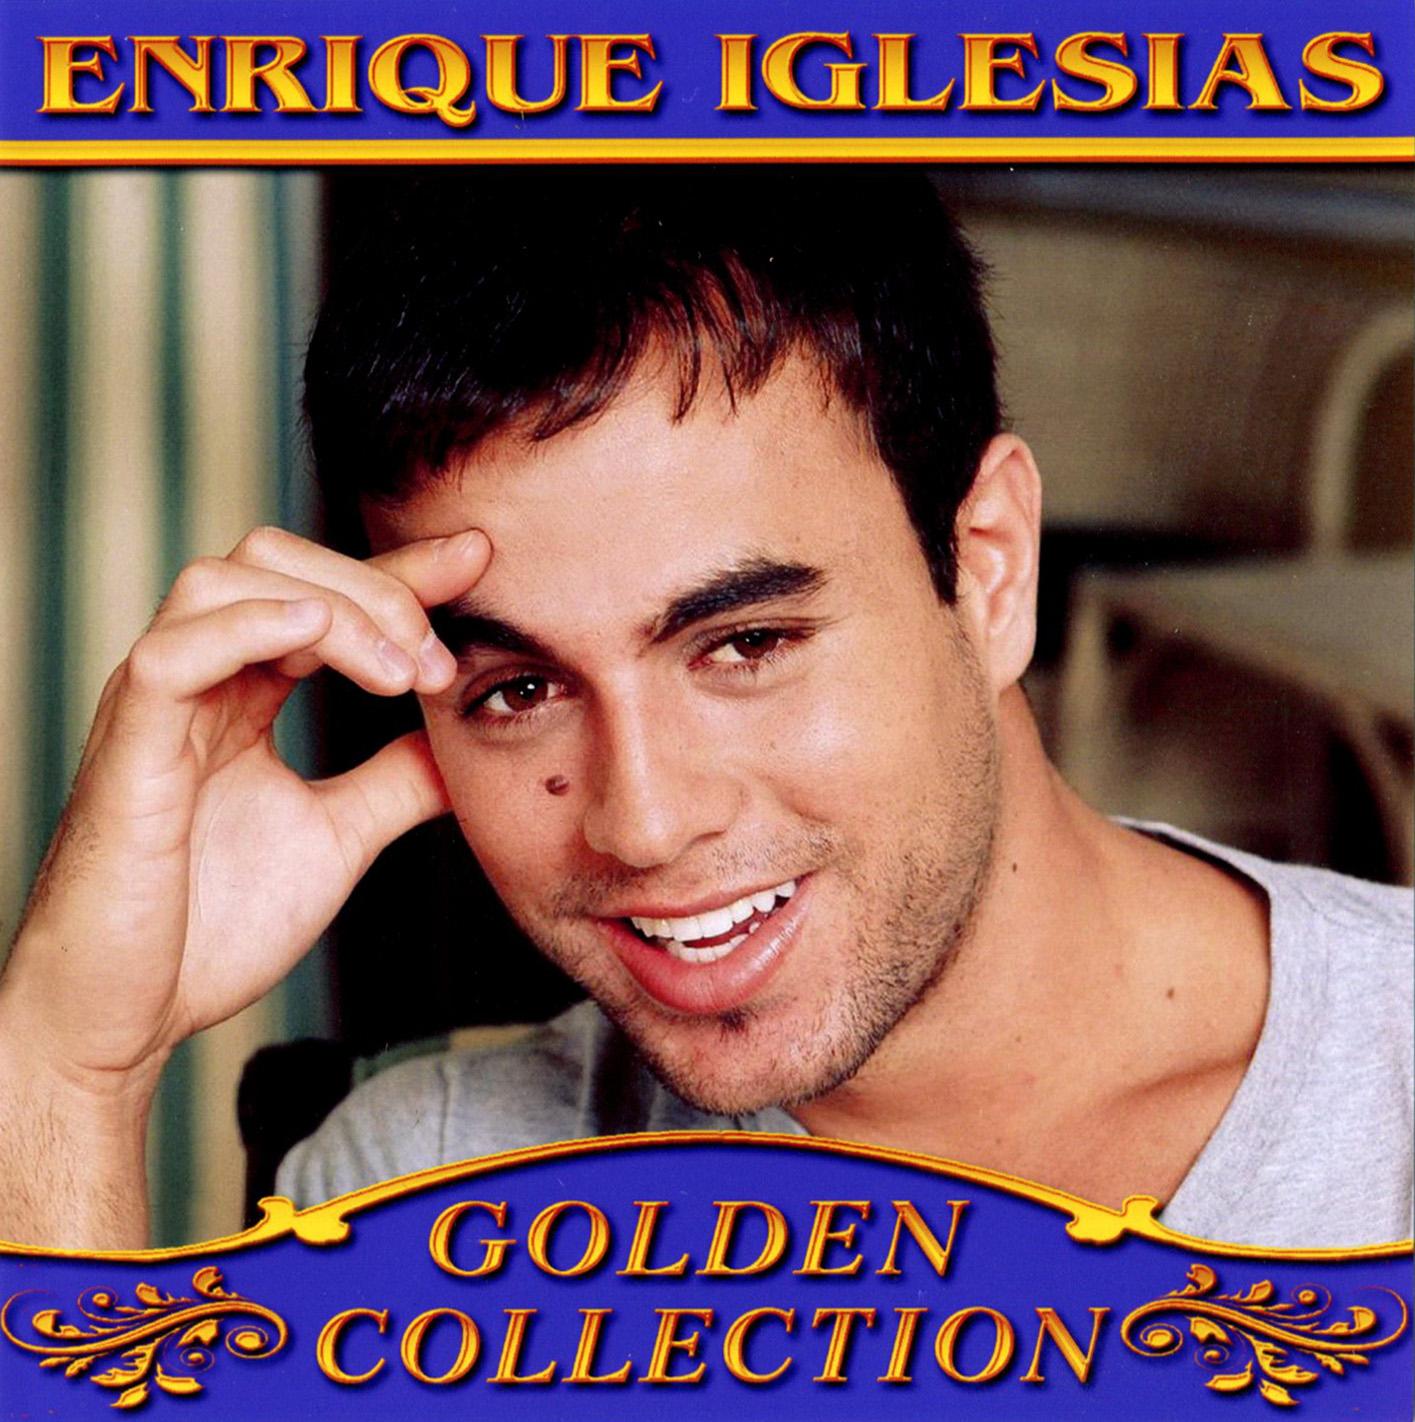 Enrique Iglesias [mp3]